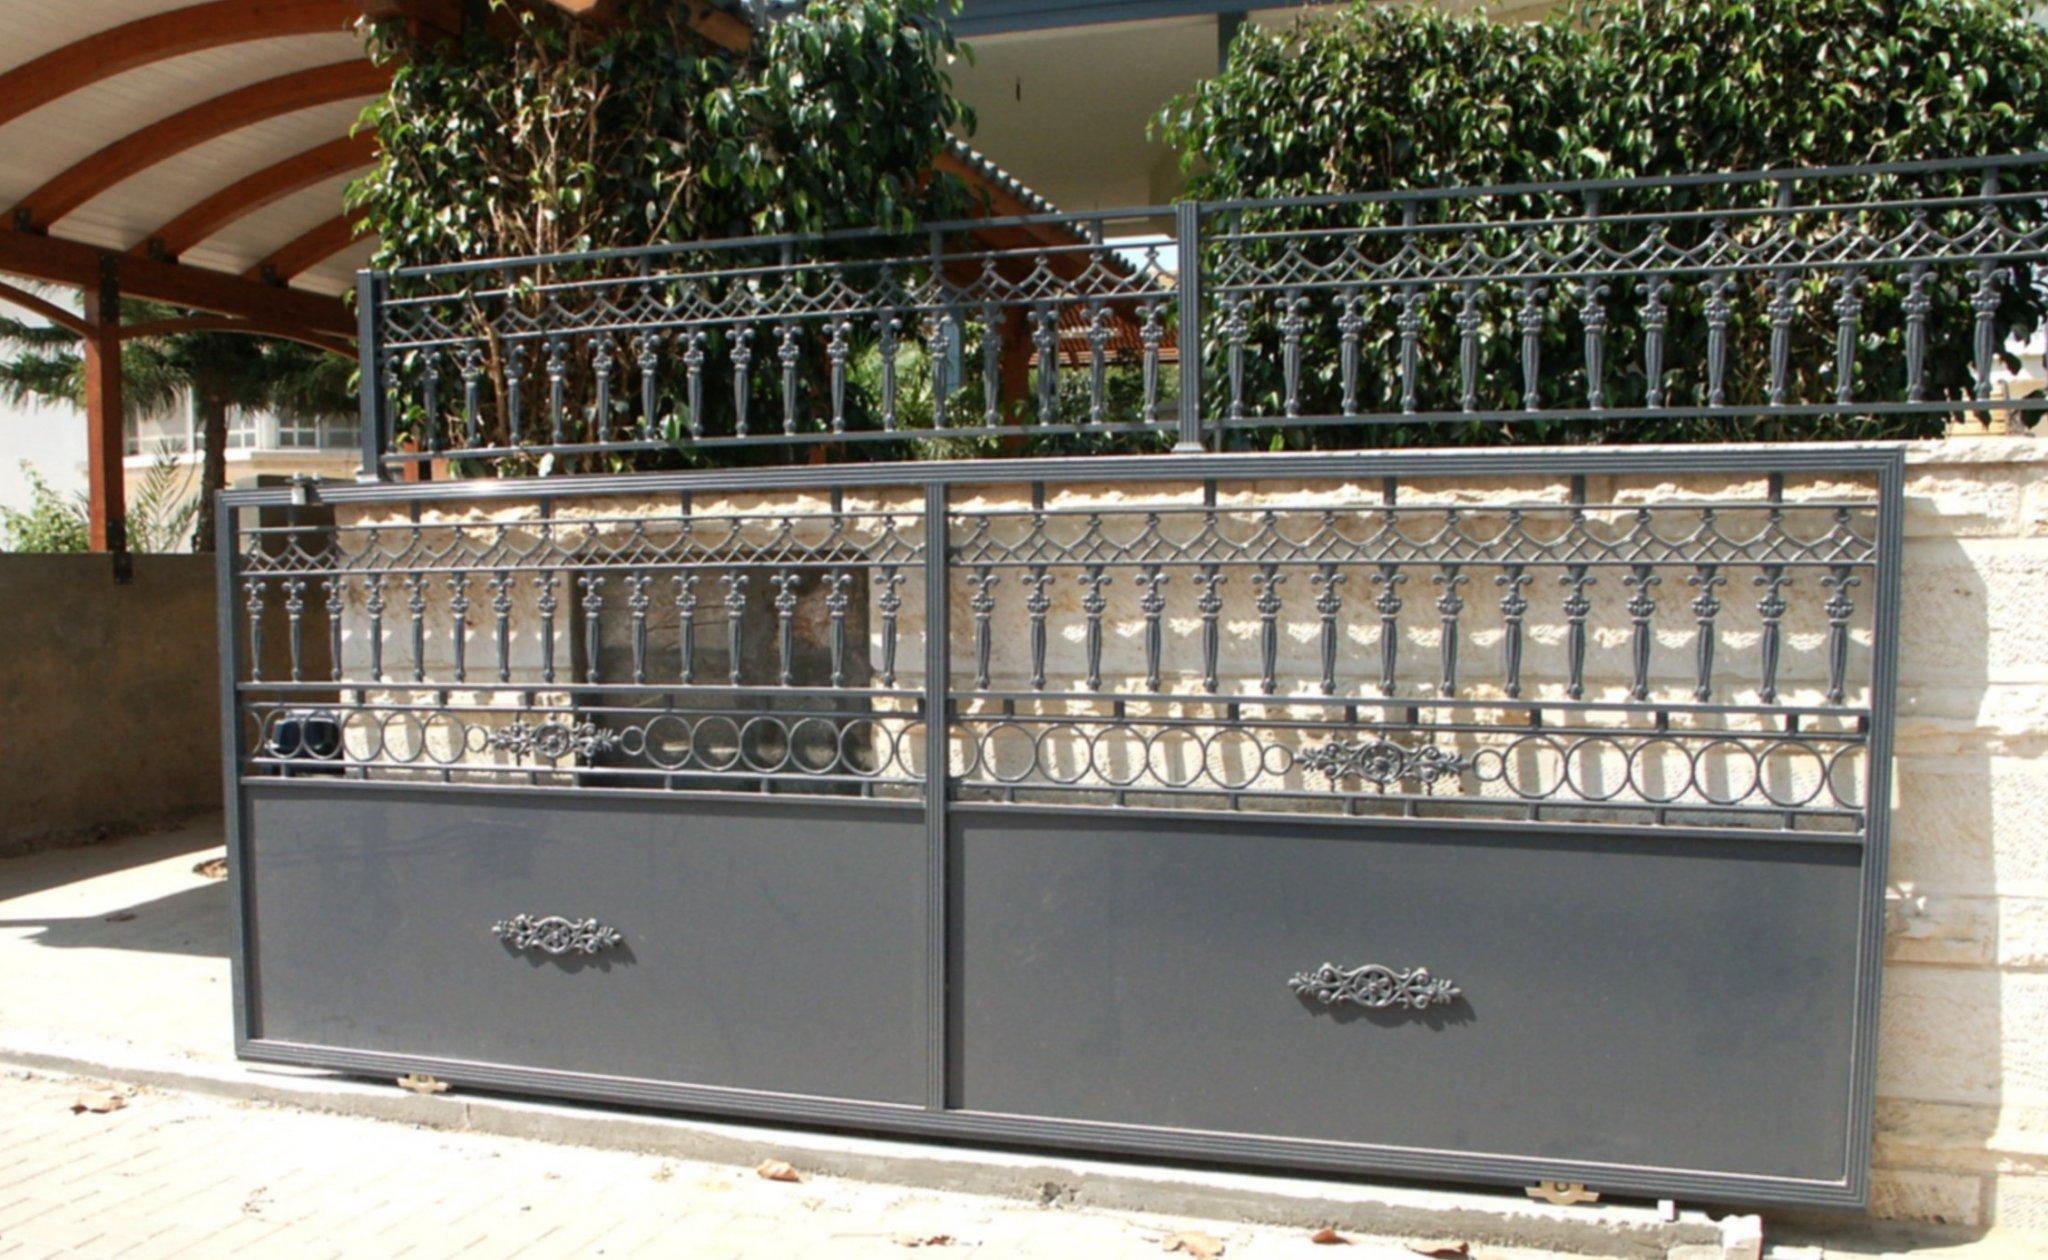 שער חניה וגדר עם יציקות